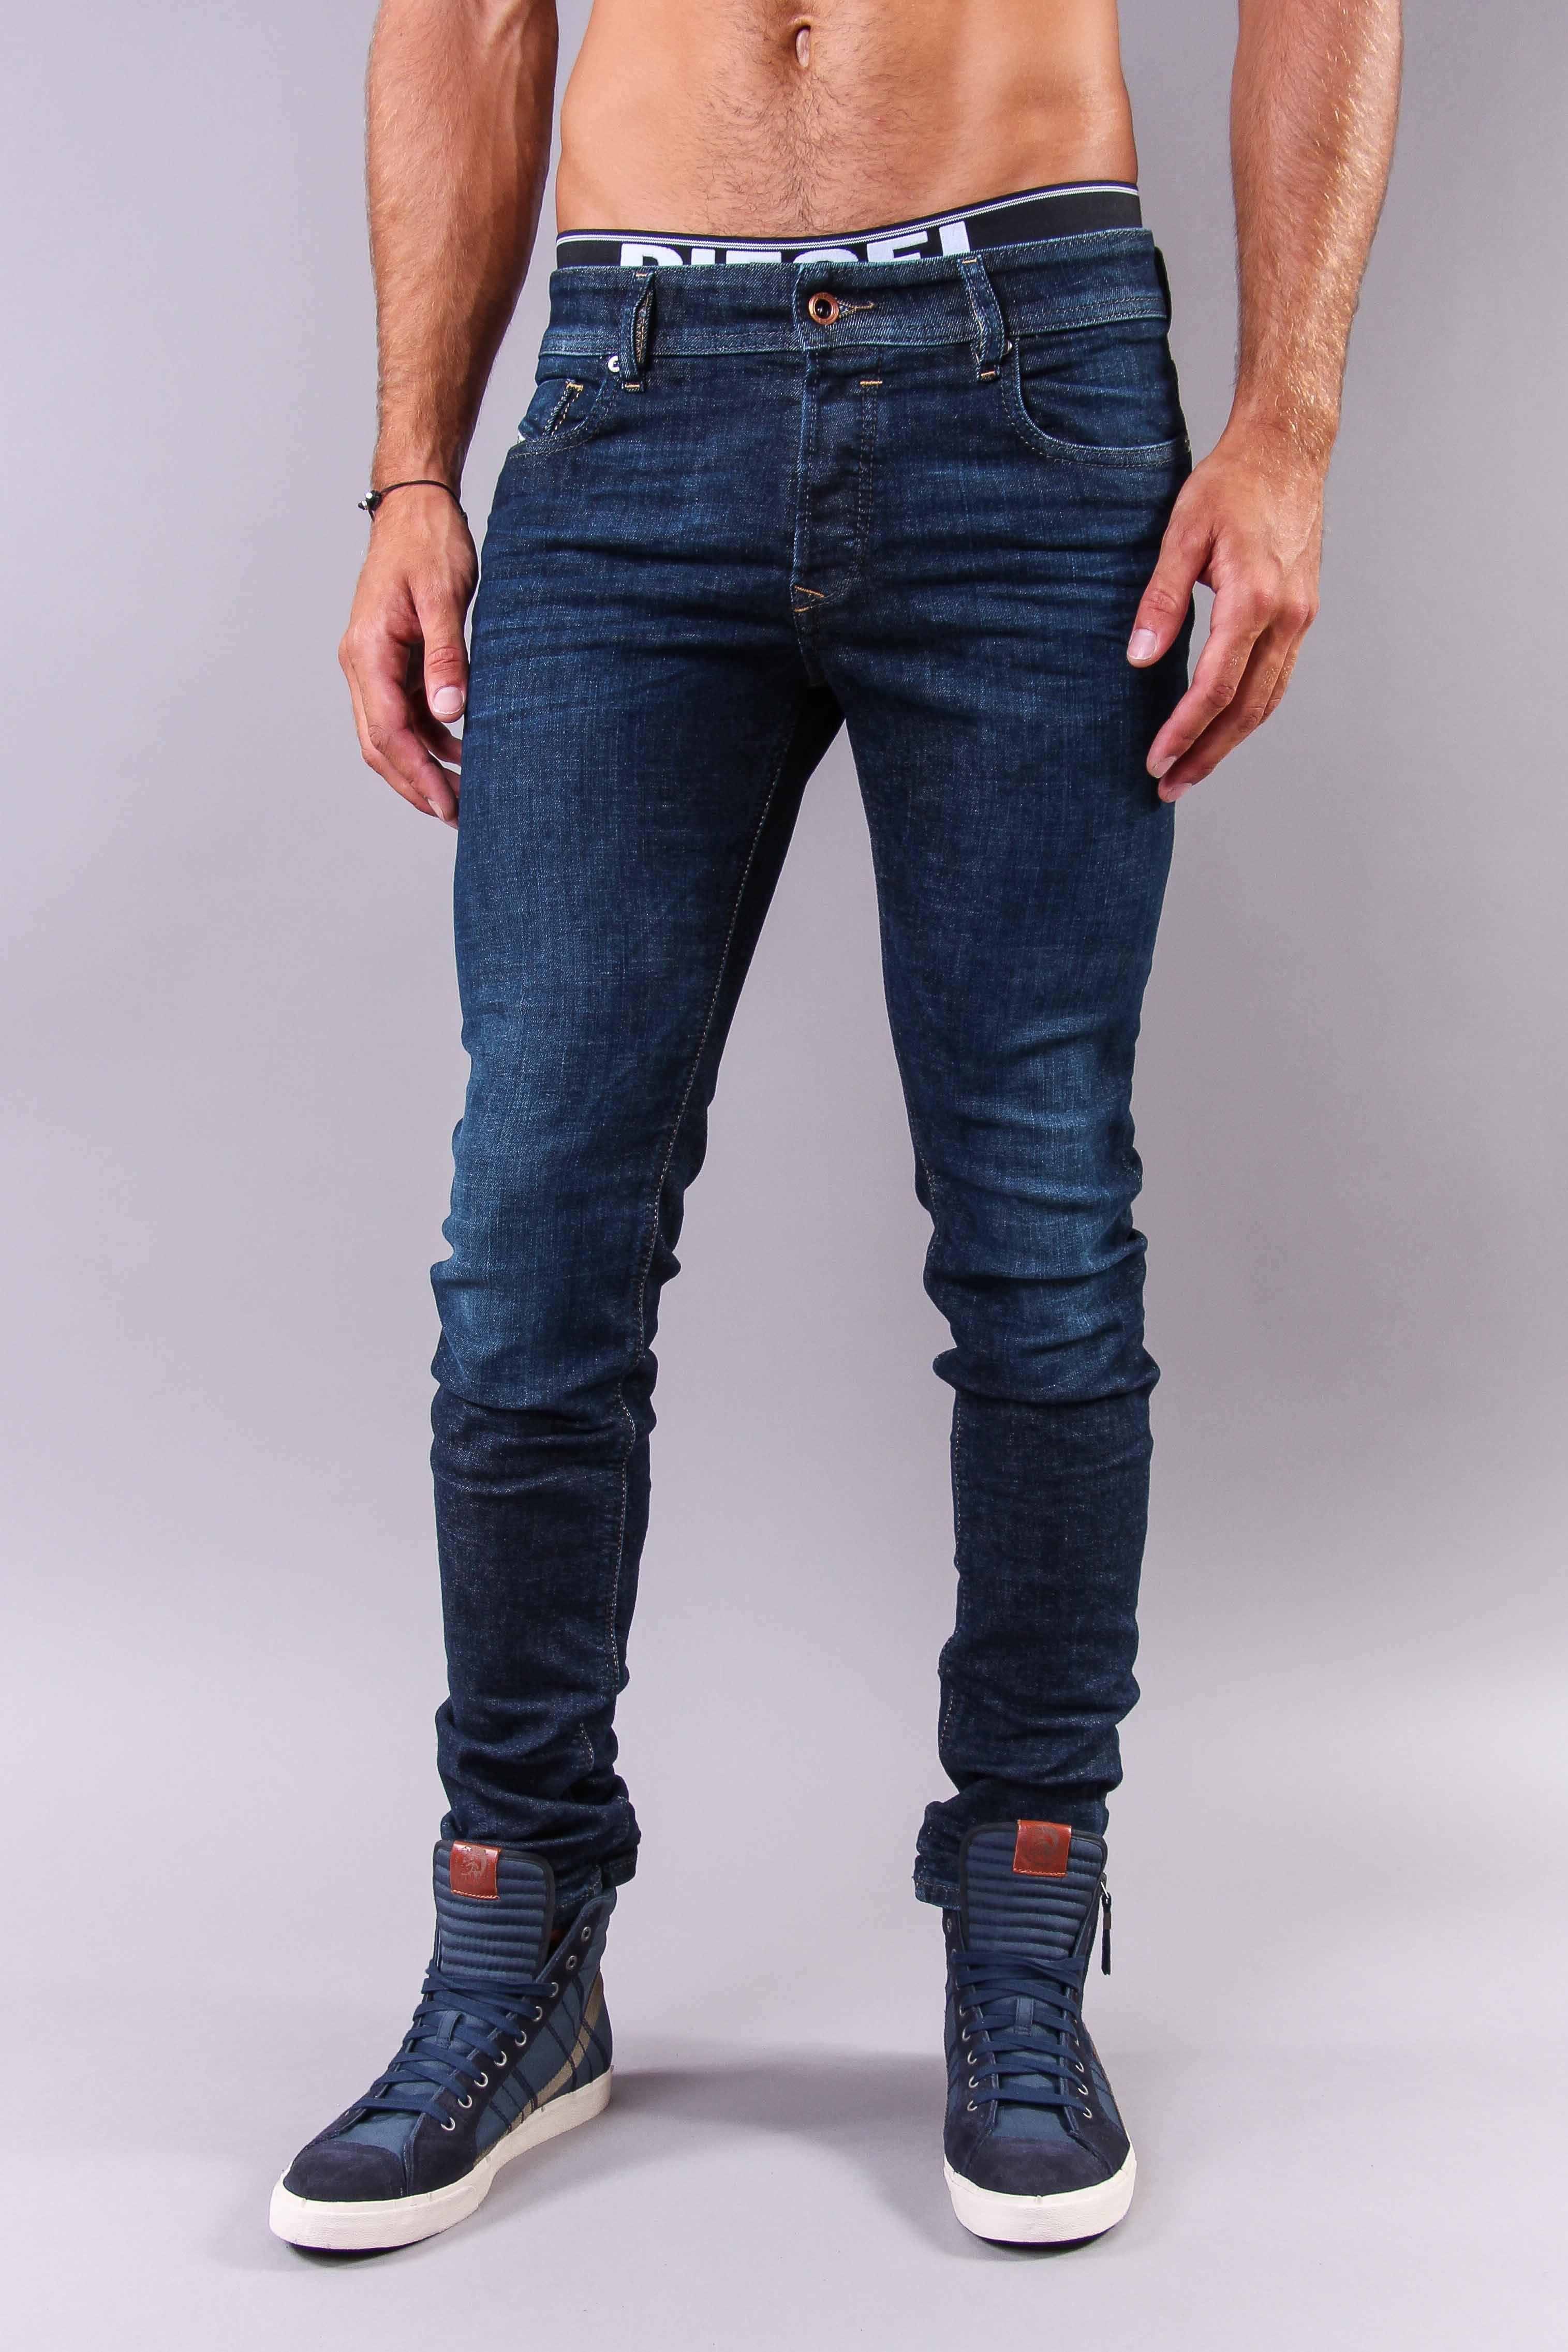 Jeans Diesel Sleenker 608D http://www.dimicheli.com/nouveautes/